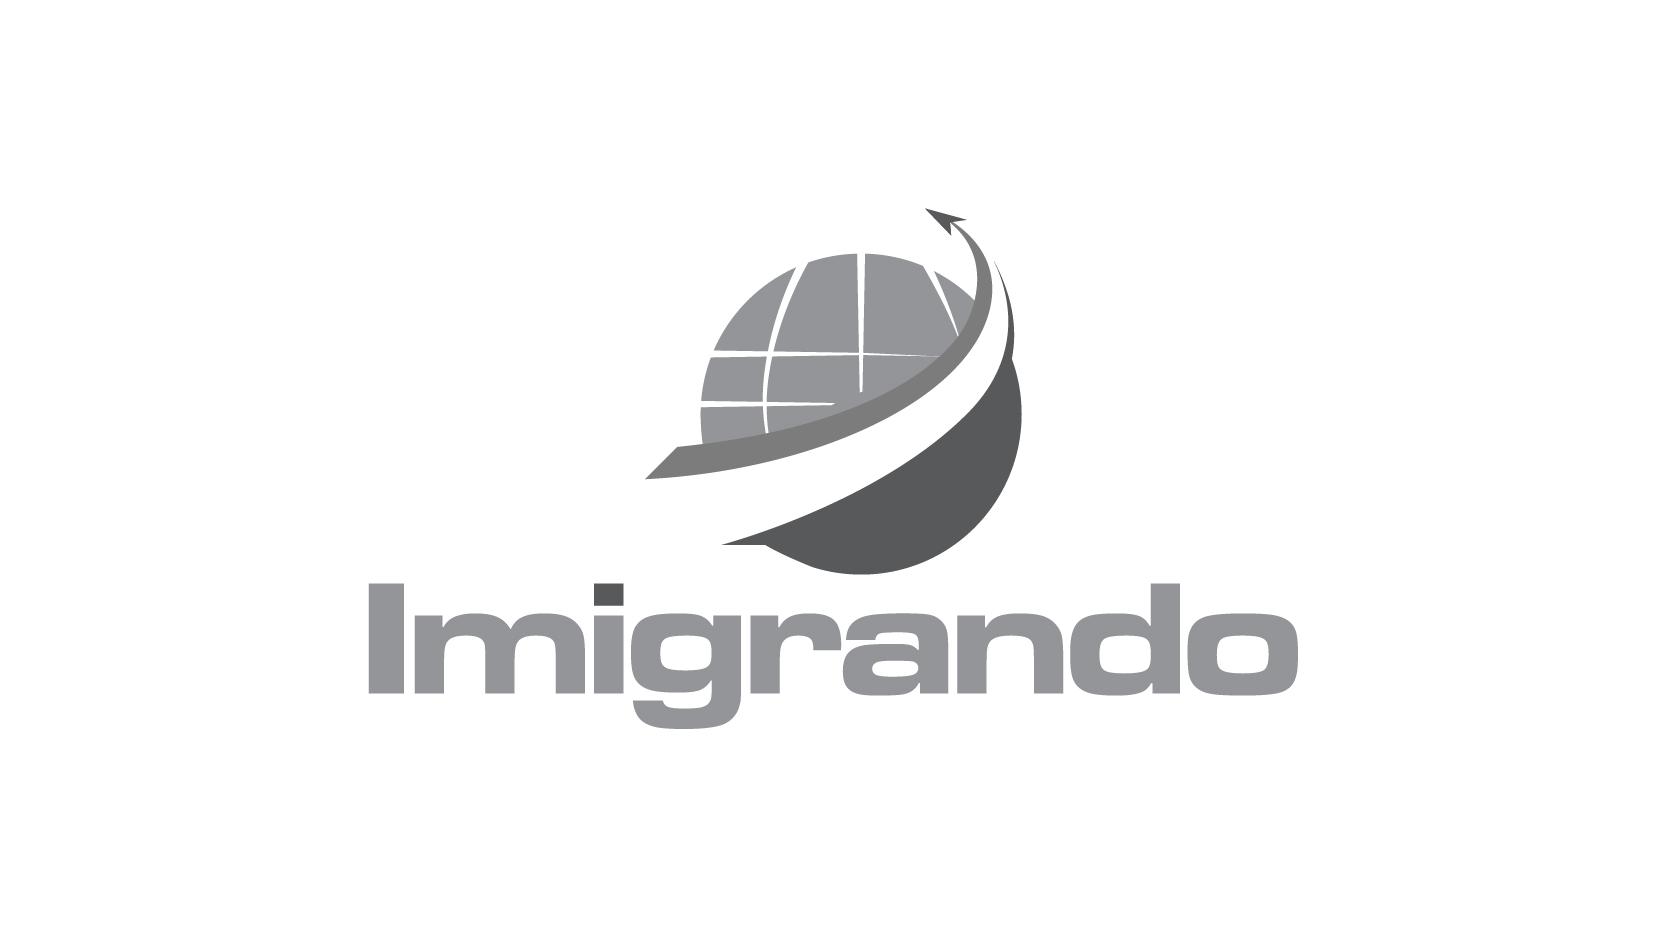 Logotipo do Site Imigrando